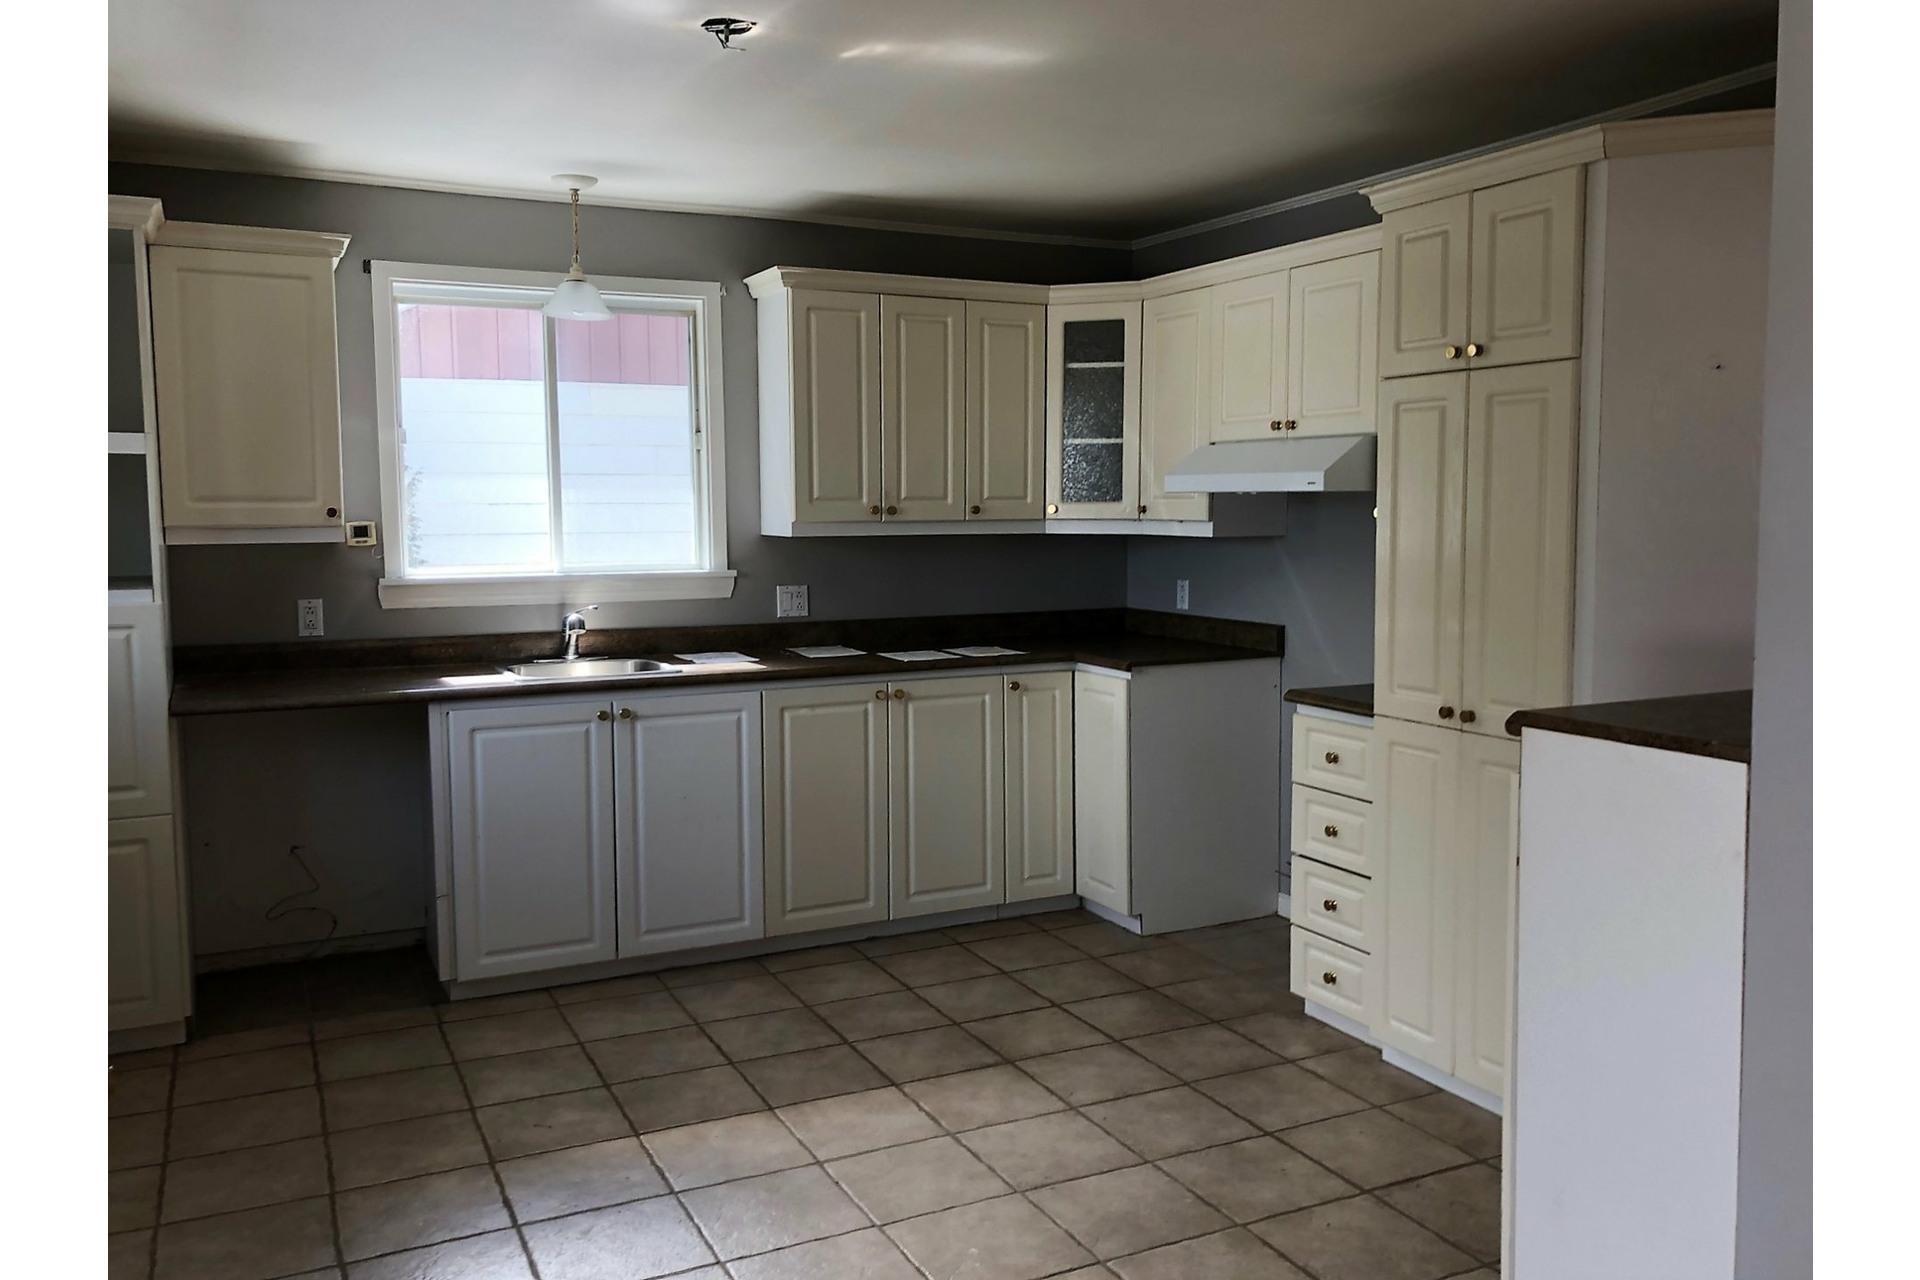 image 4 - Duplex For sale Trois-Rivières - 8 rooms